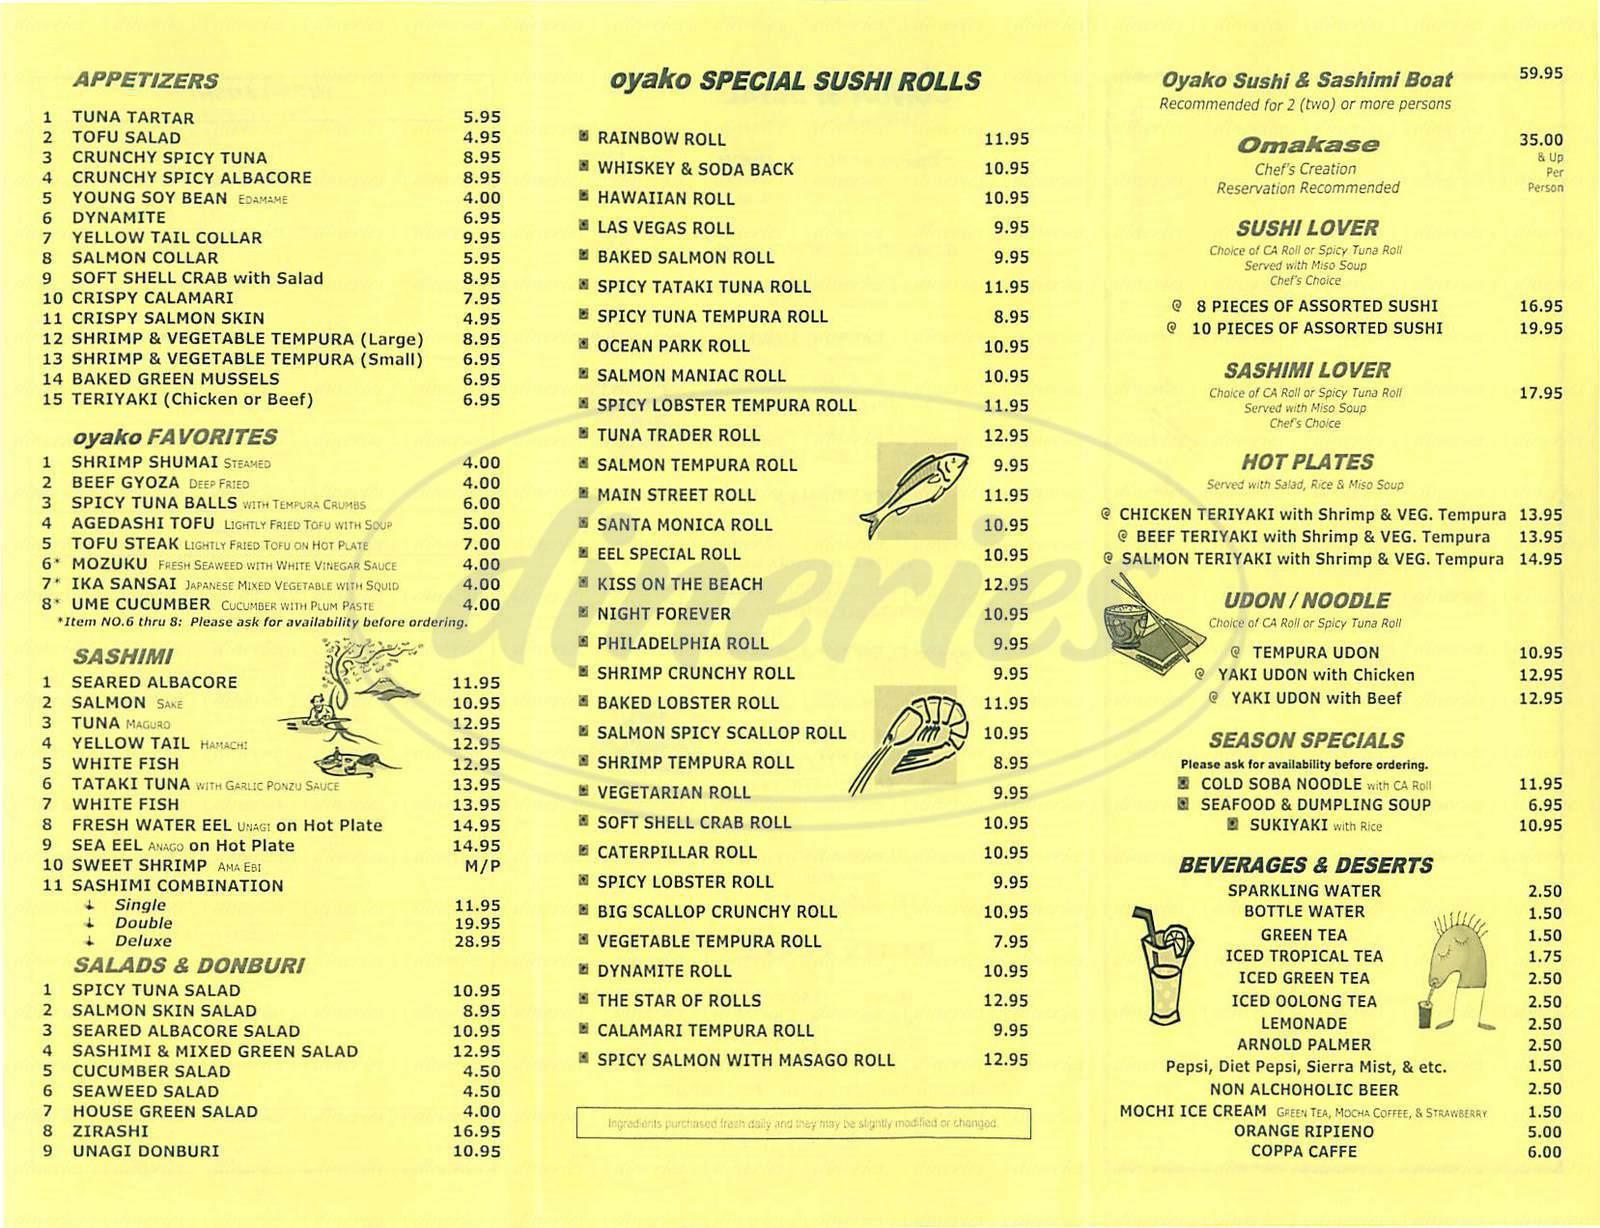 menu for Oyako